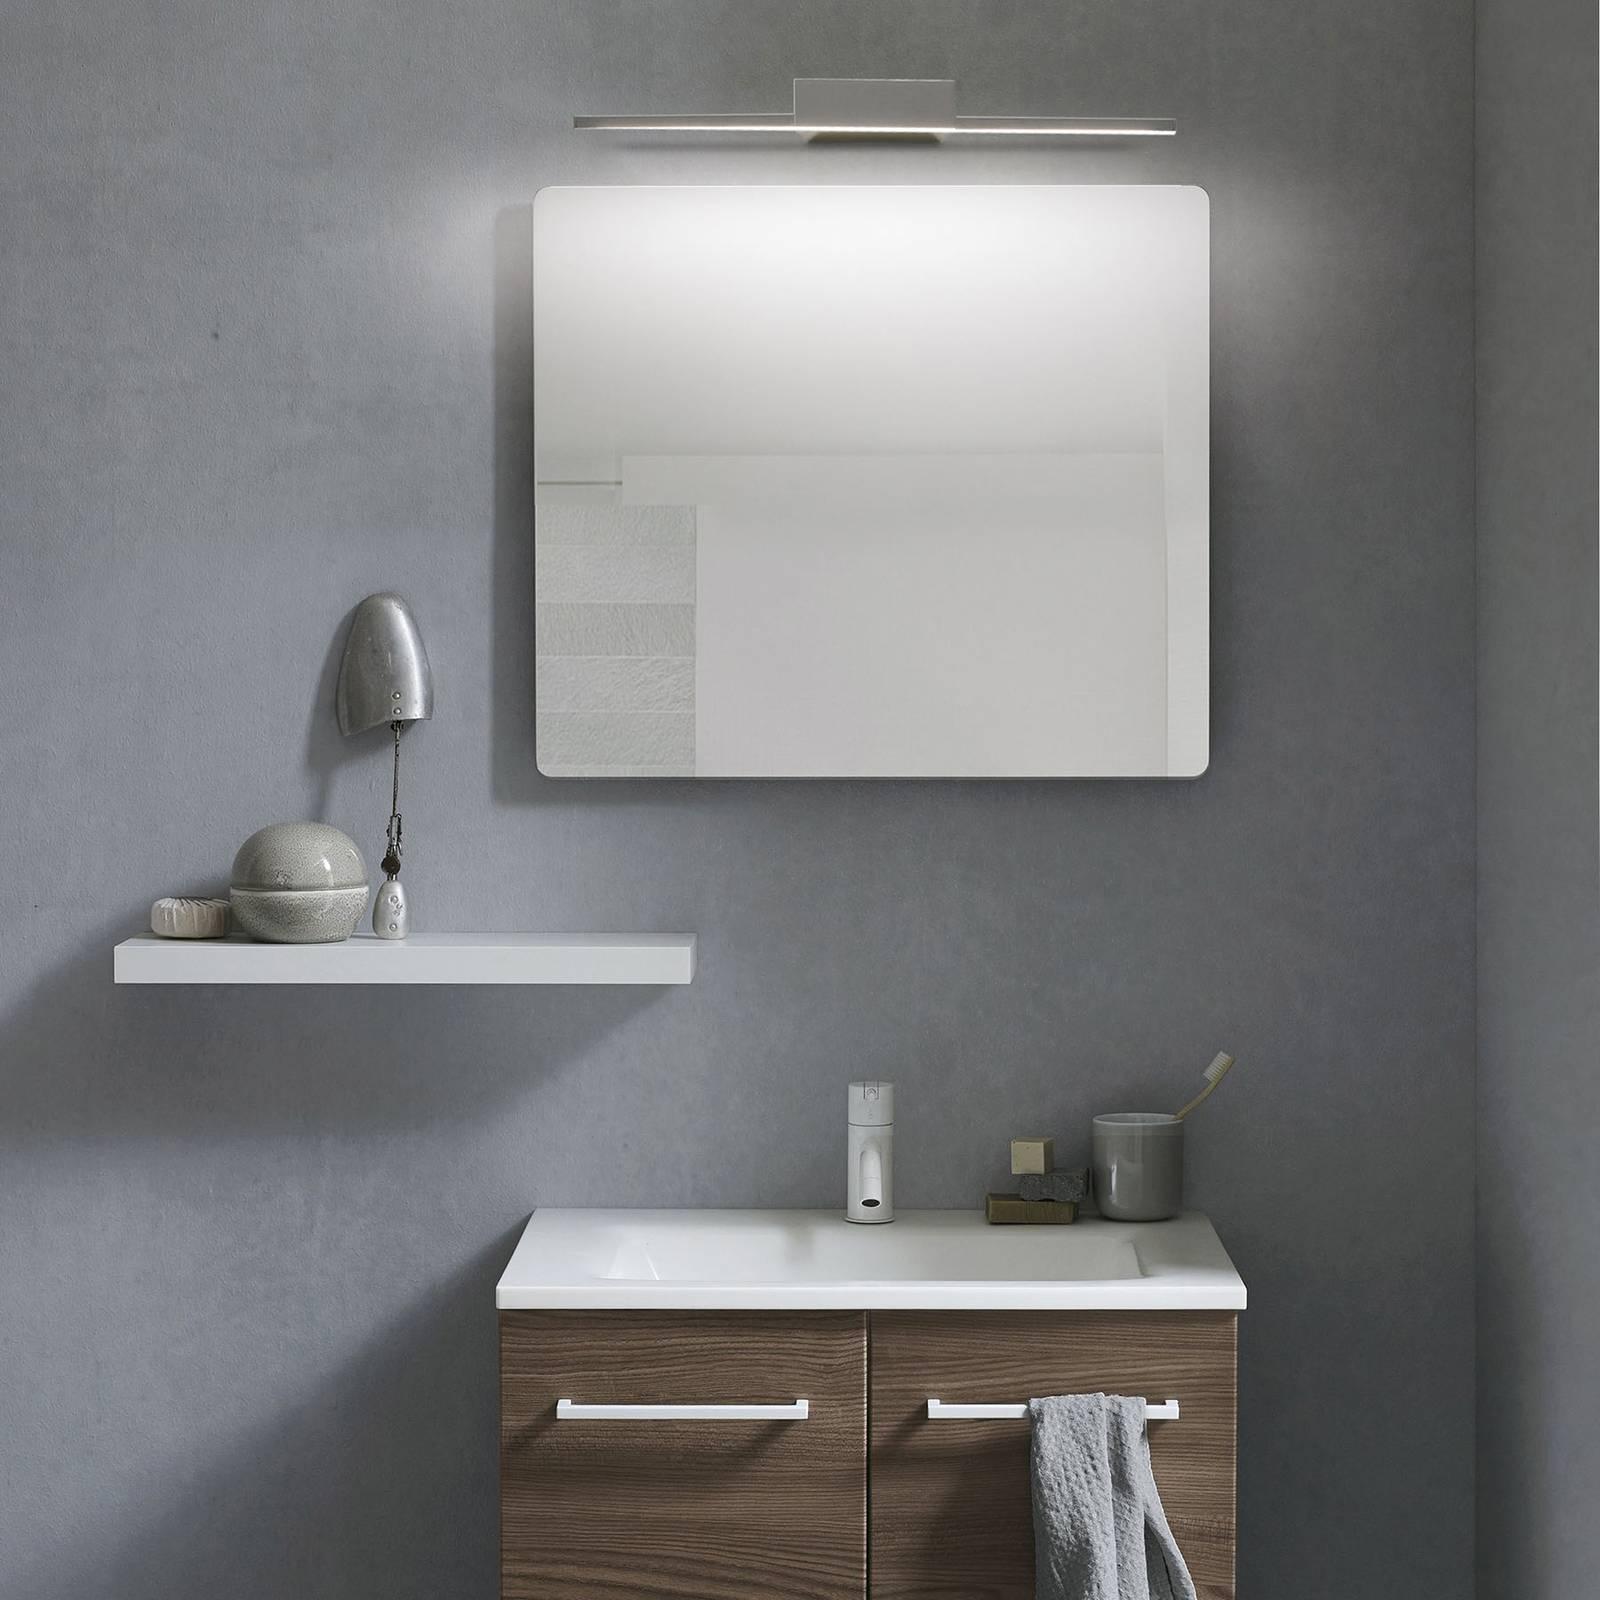 Kylpyhuoneen LED-seinälamppu Yei, leveys 67,5 cm